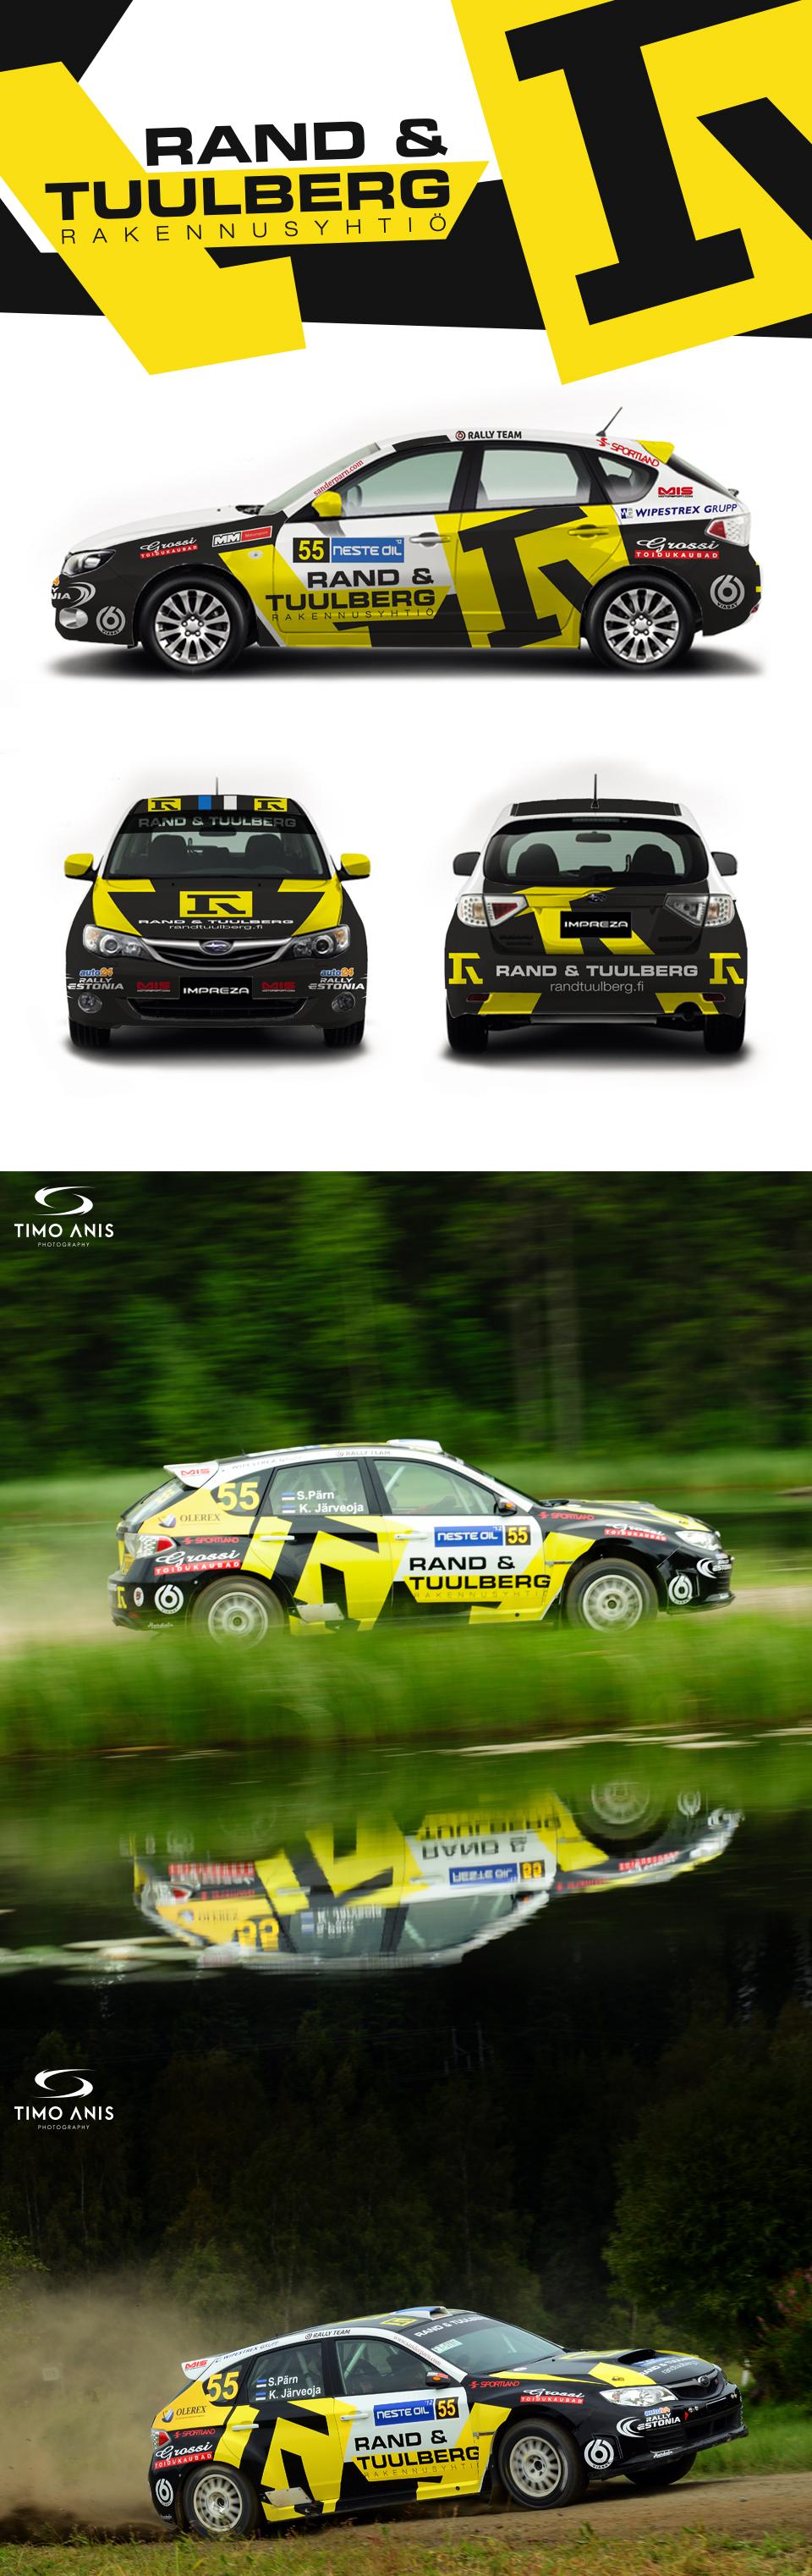 cars-sanderParn-tuulberg-2012-1